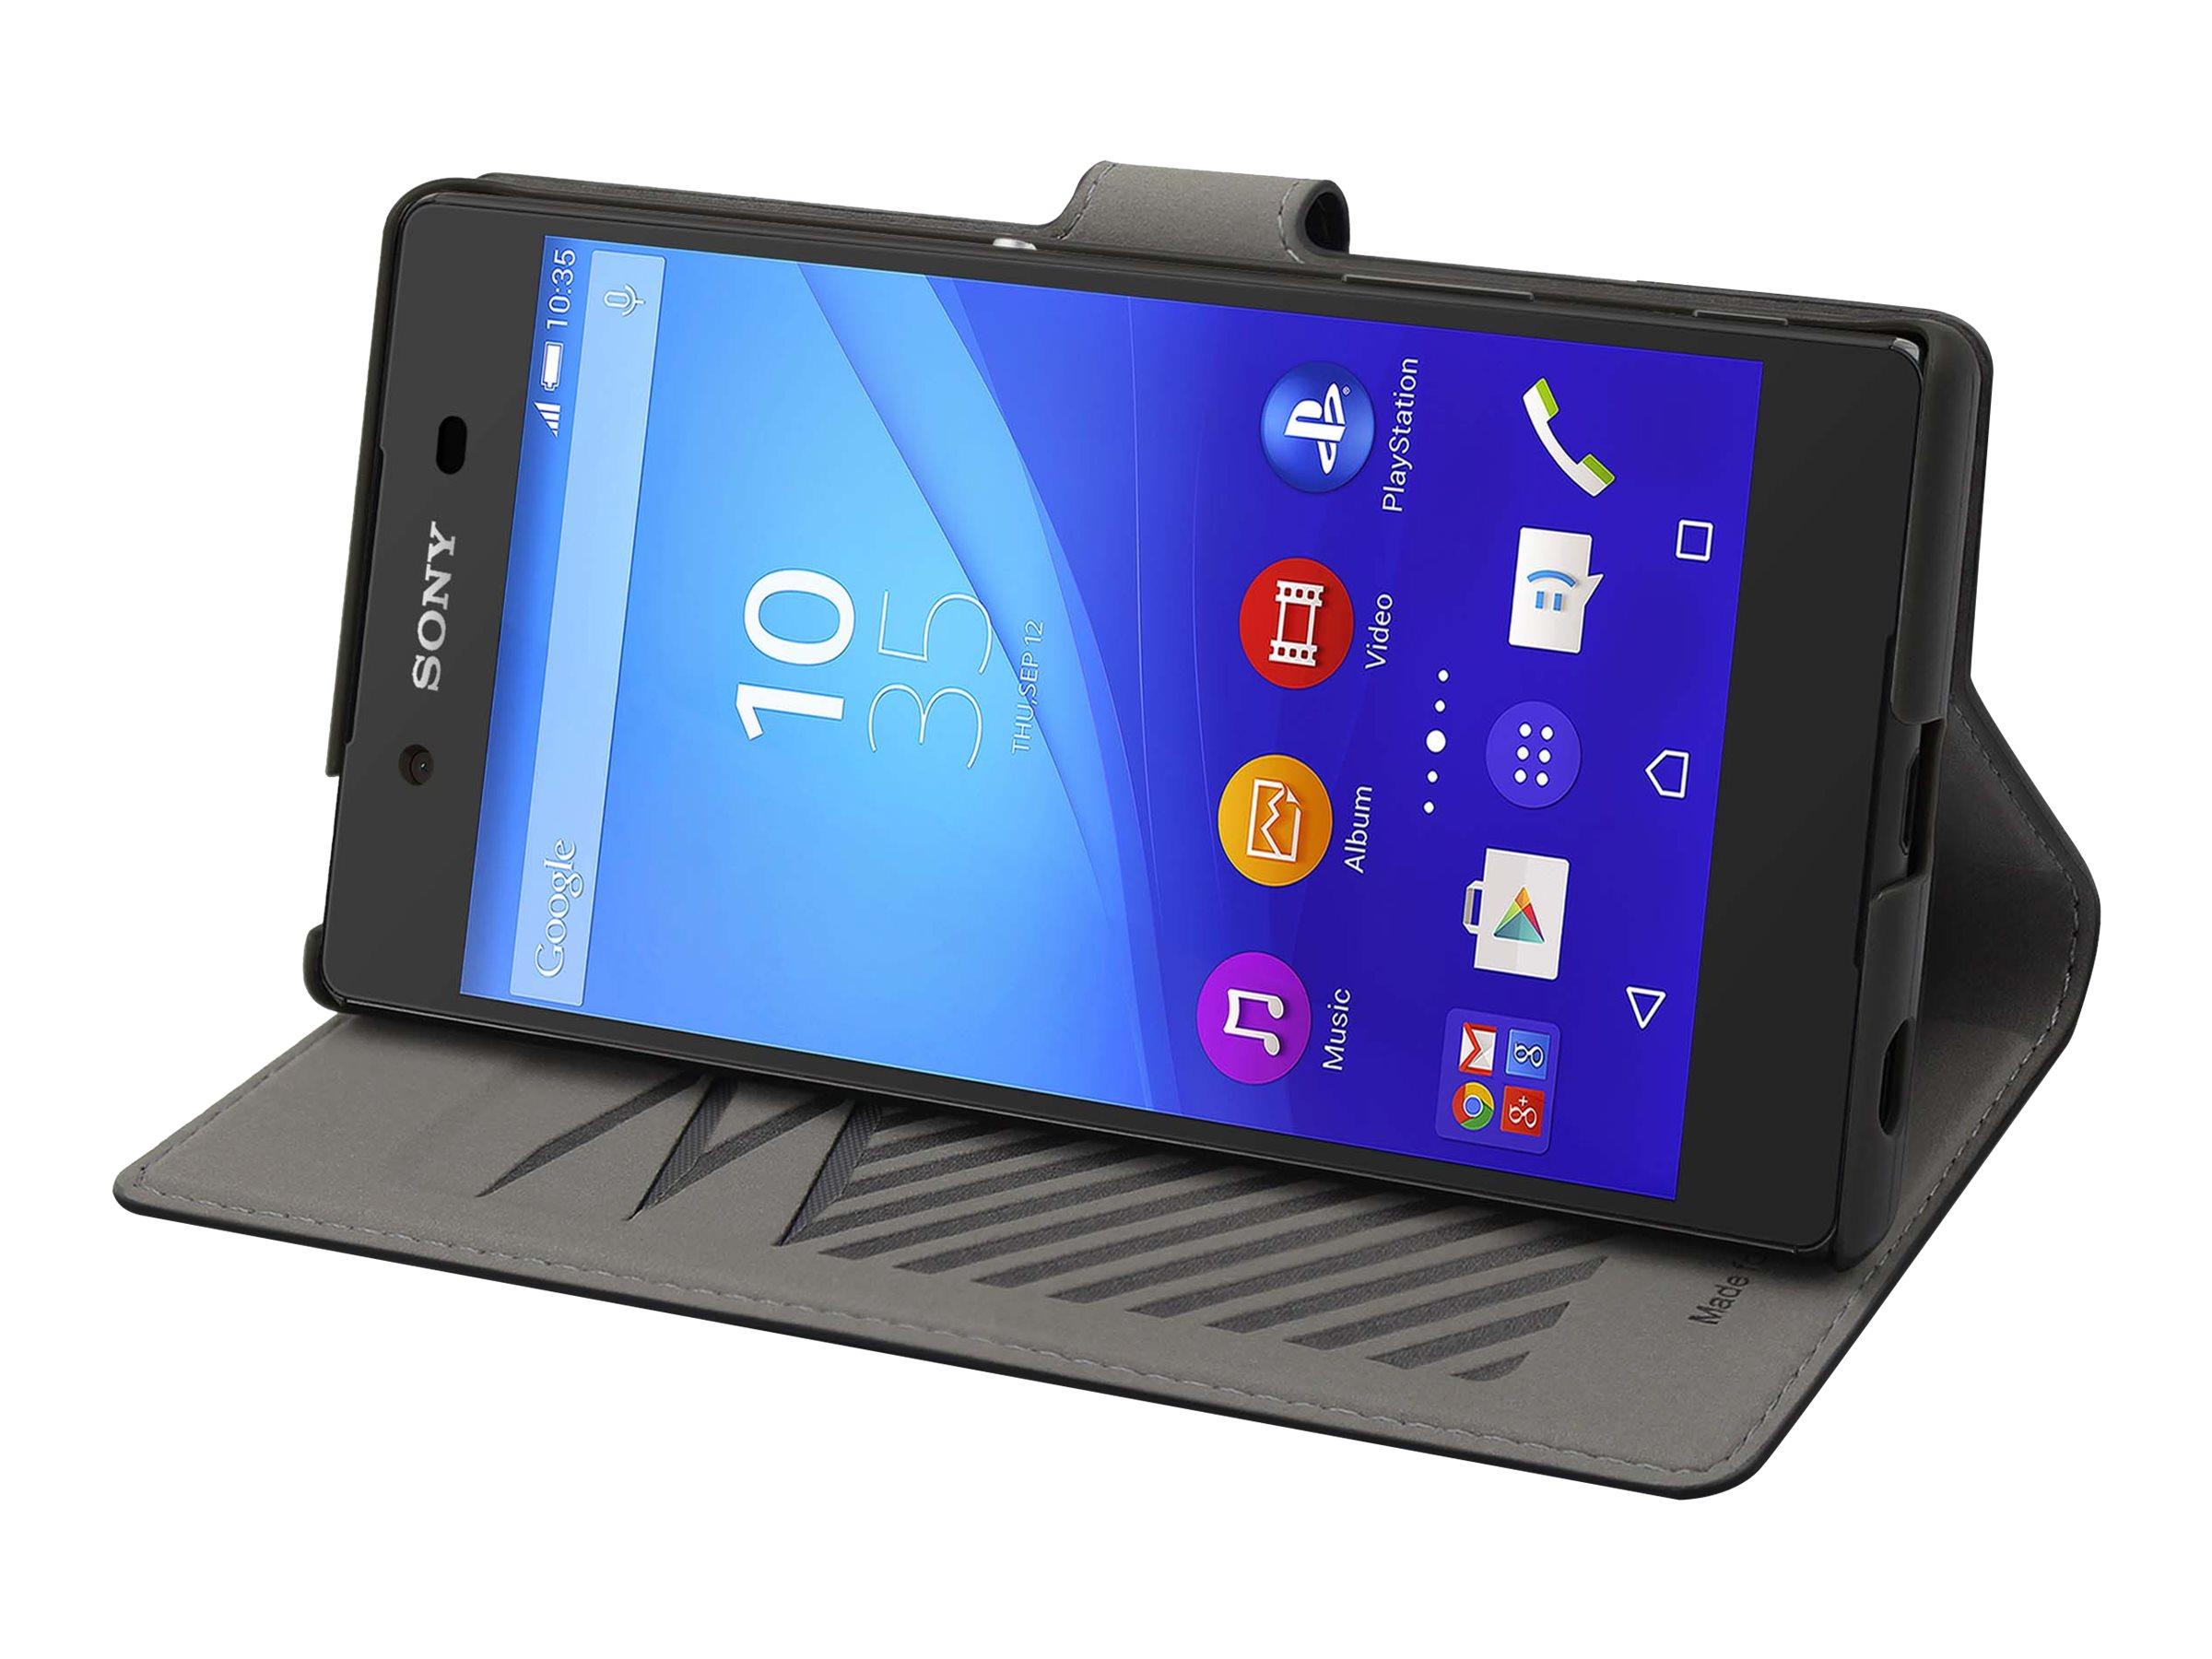 Muvit MFX slim s folio - Protection à rabat pour Sony XPERIA Z5 Premium - noir